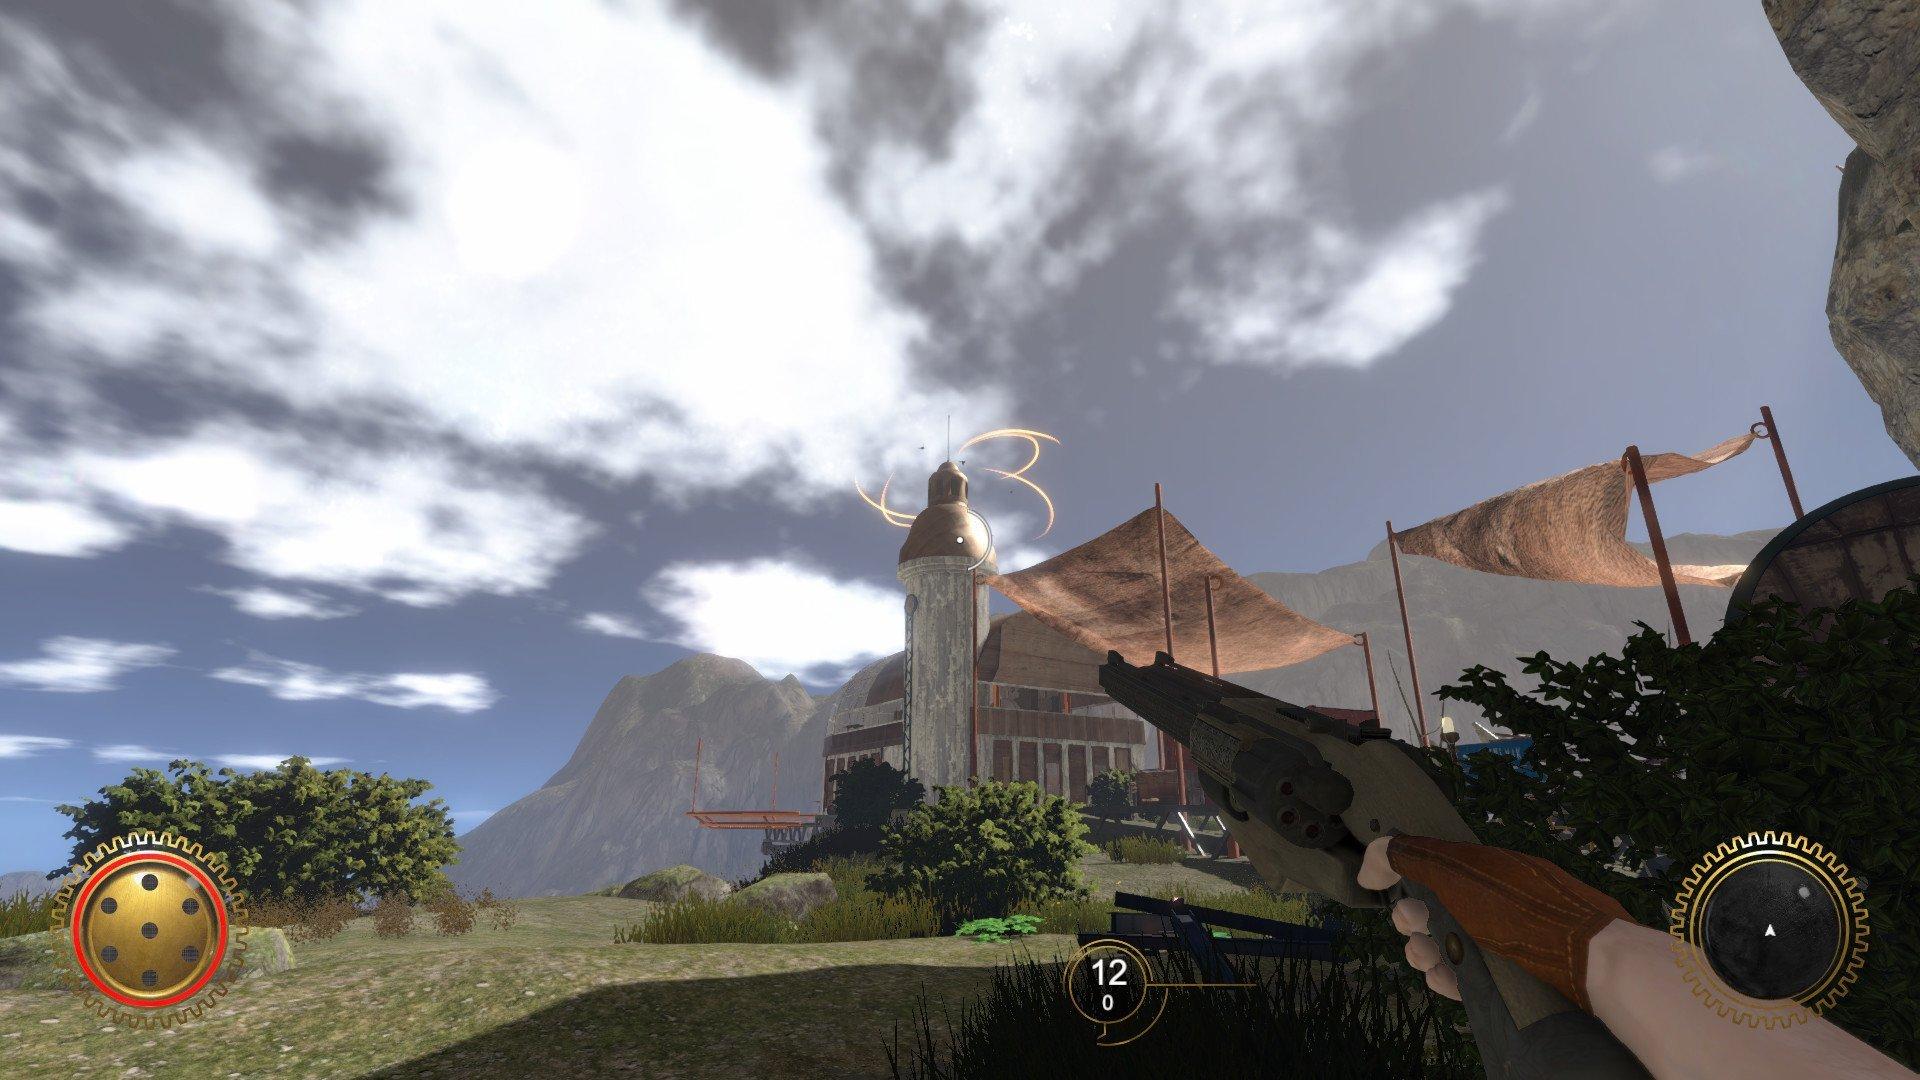 Скриншот к игре Avenging Angel v.1.0.5 [DARKSiDERS] (2018) скачать торрент Лицензия